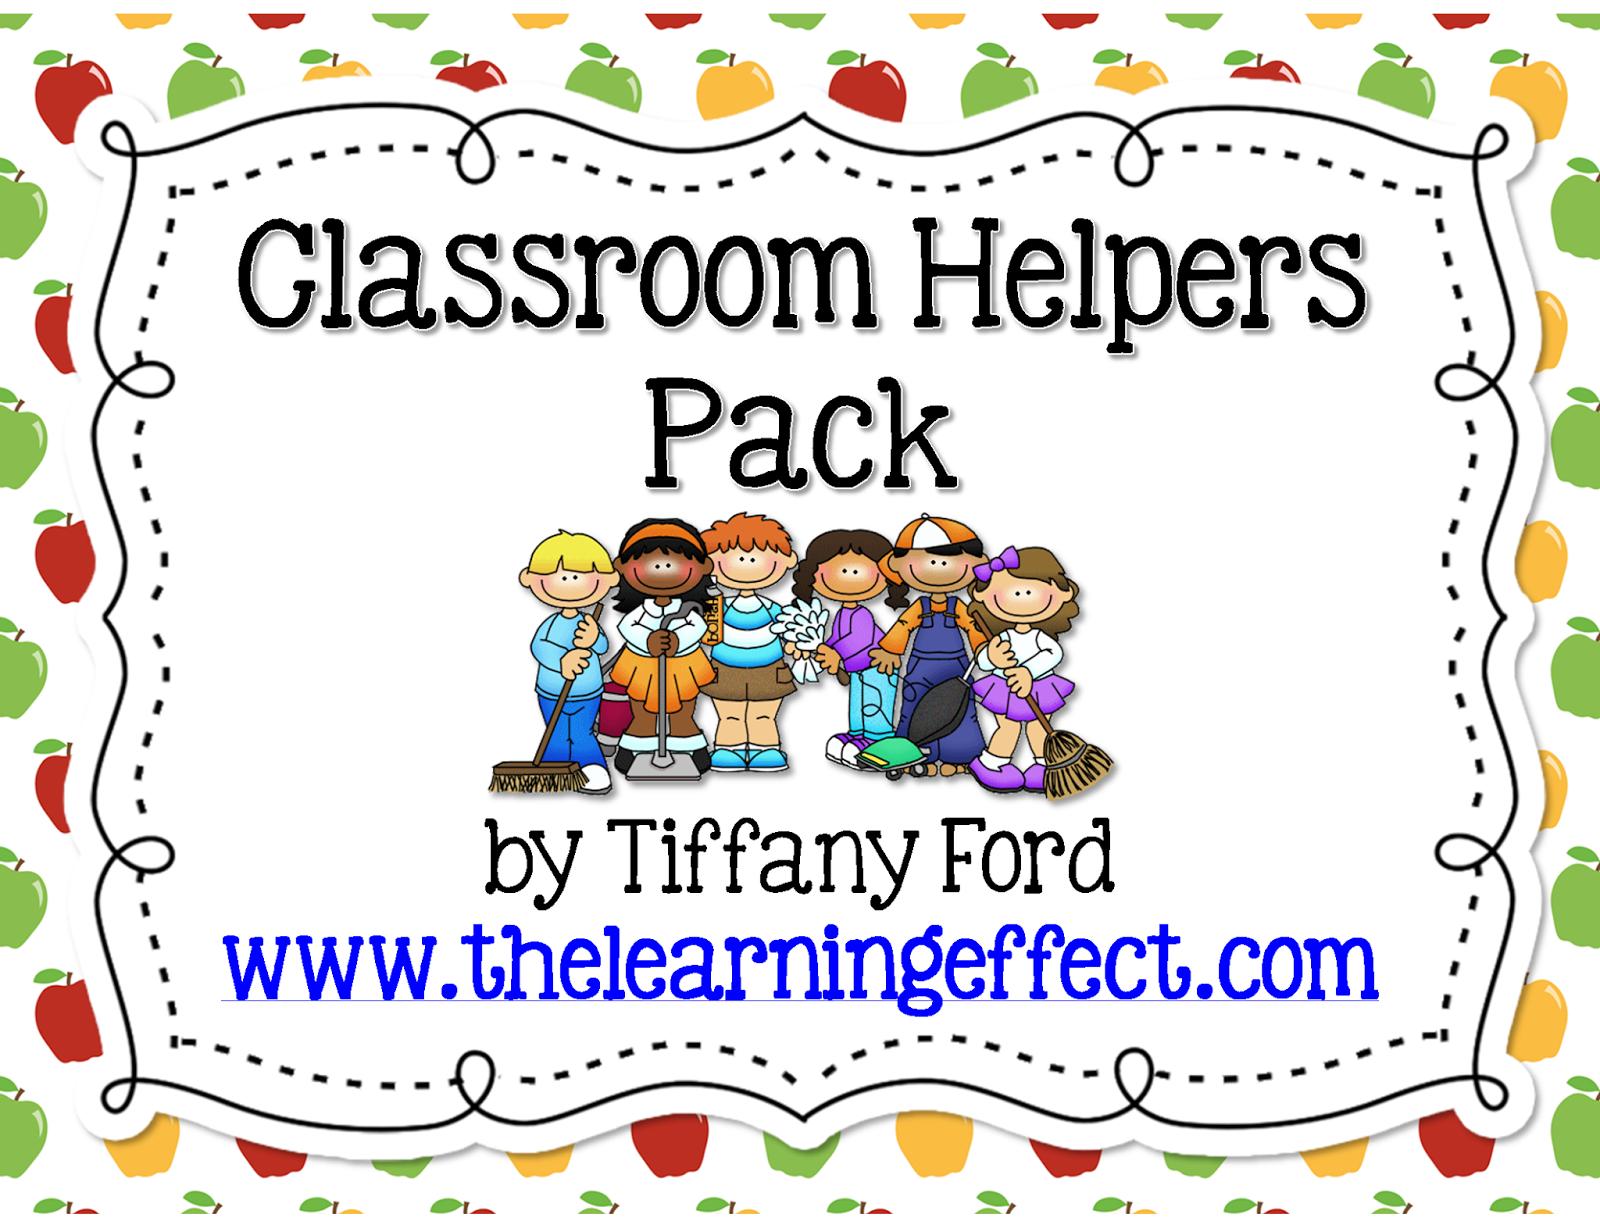 http://www.teacherspayteachers.com/Product/Classroom-Helpers-Pack-272153